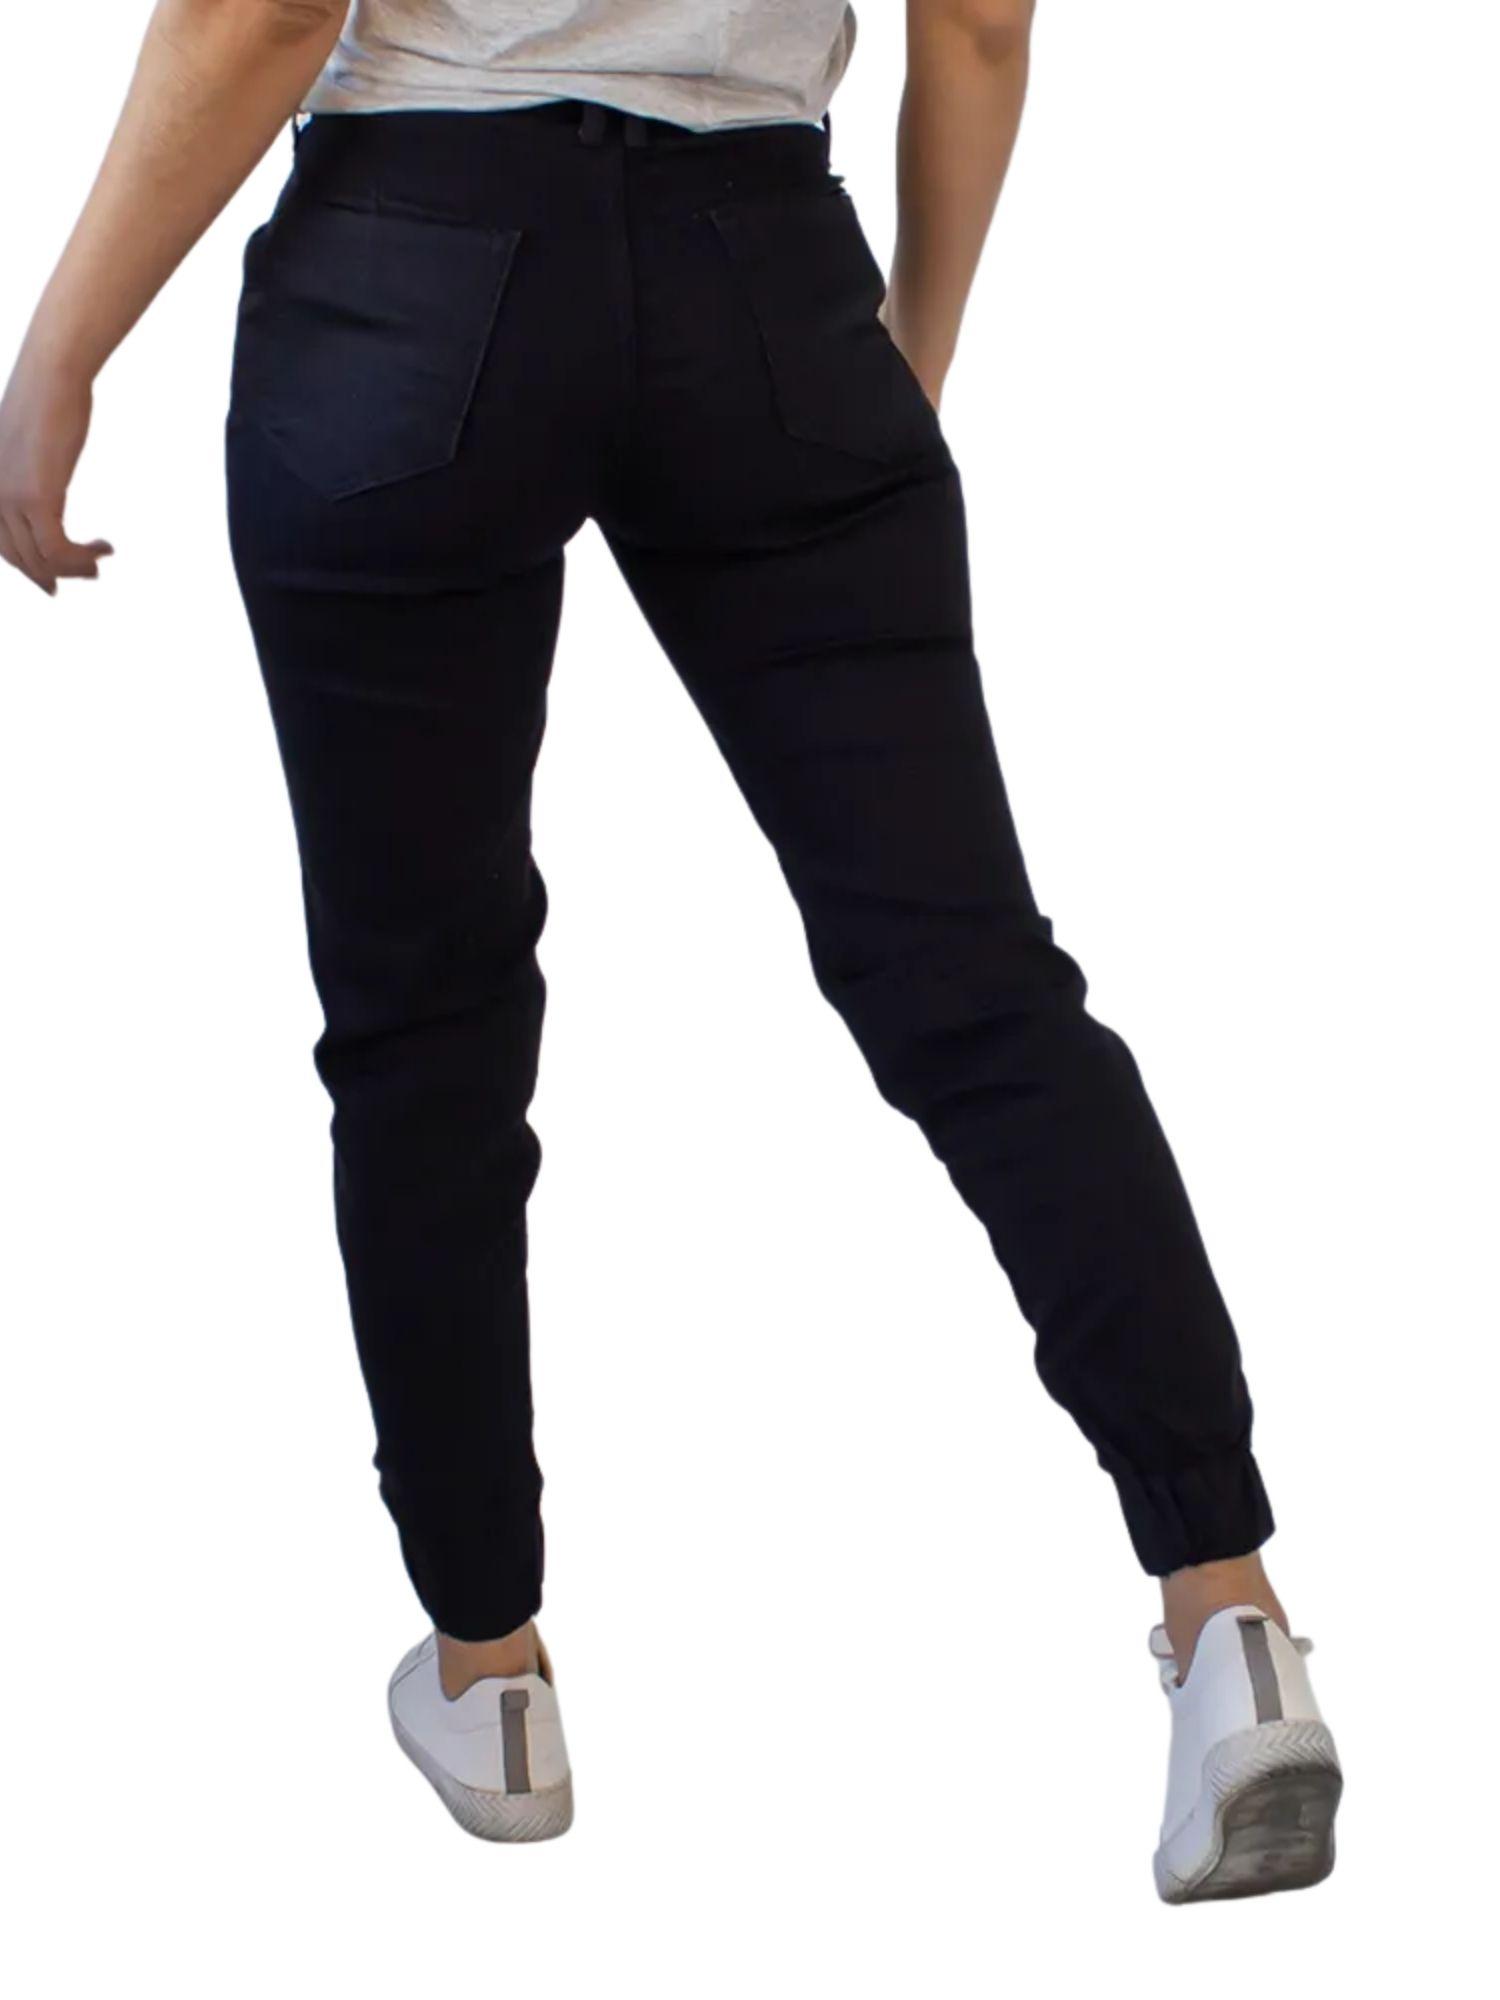 Calça Feminina Jogger Anticorpus  13504